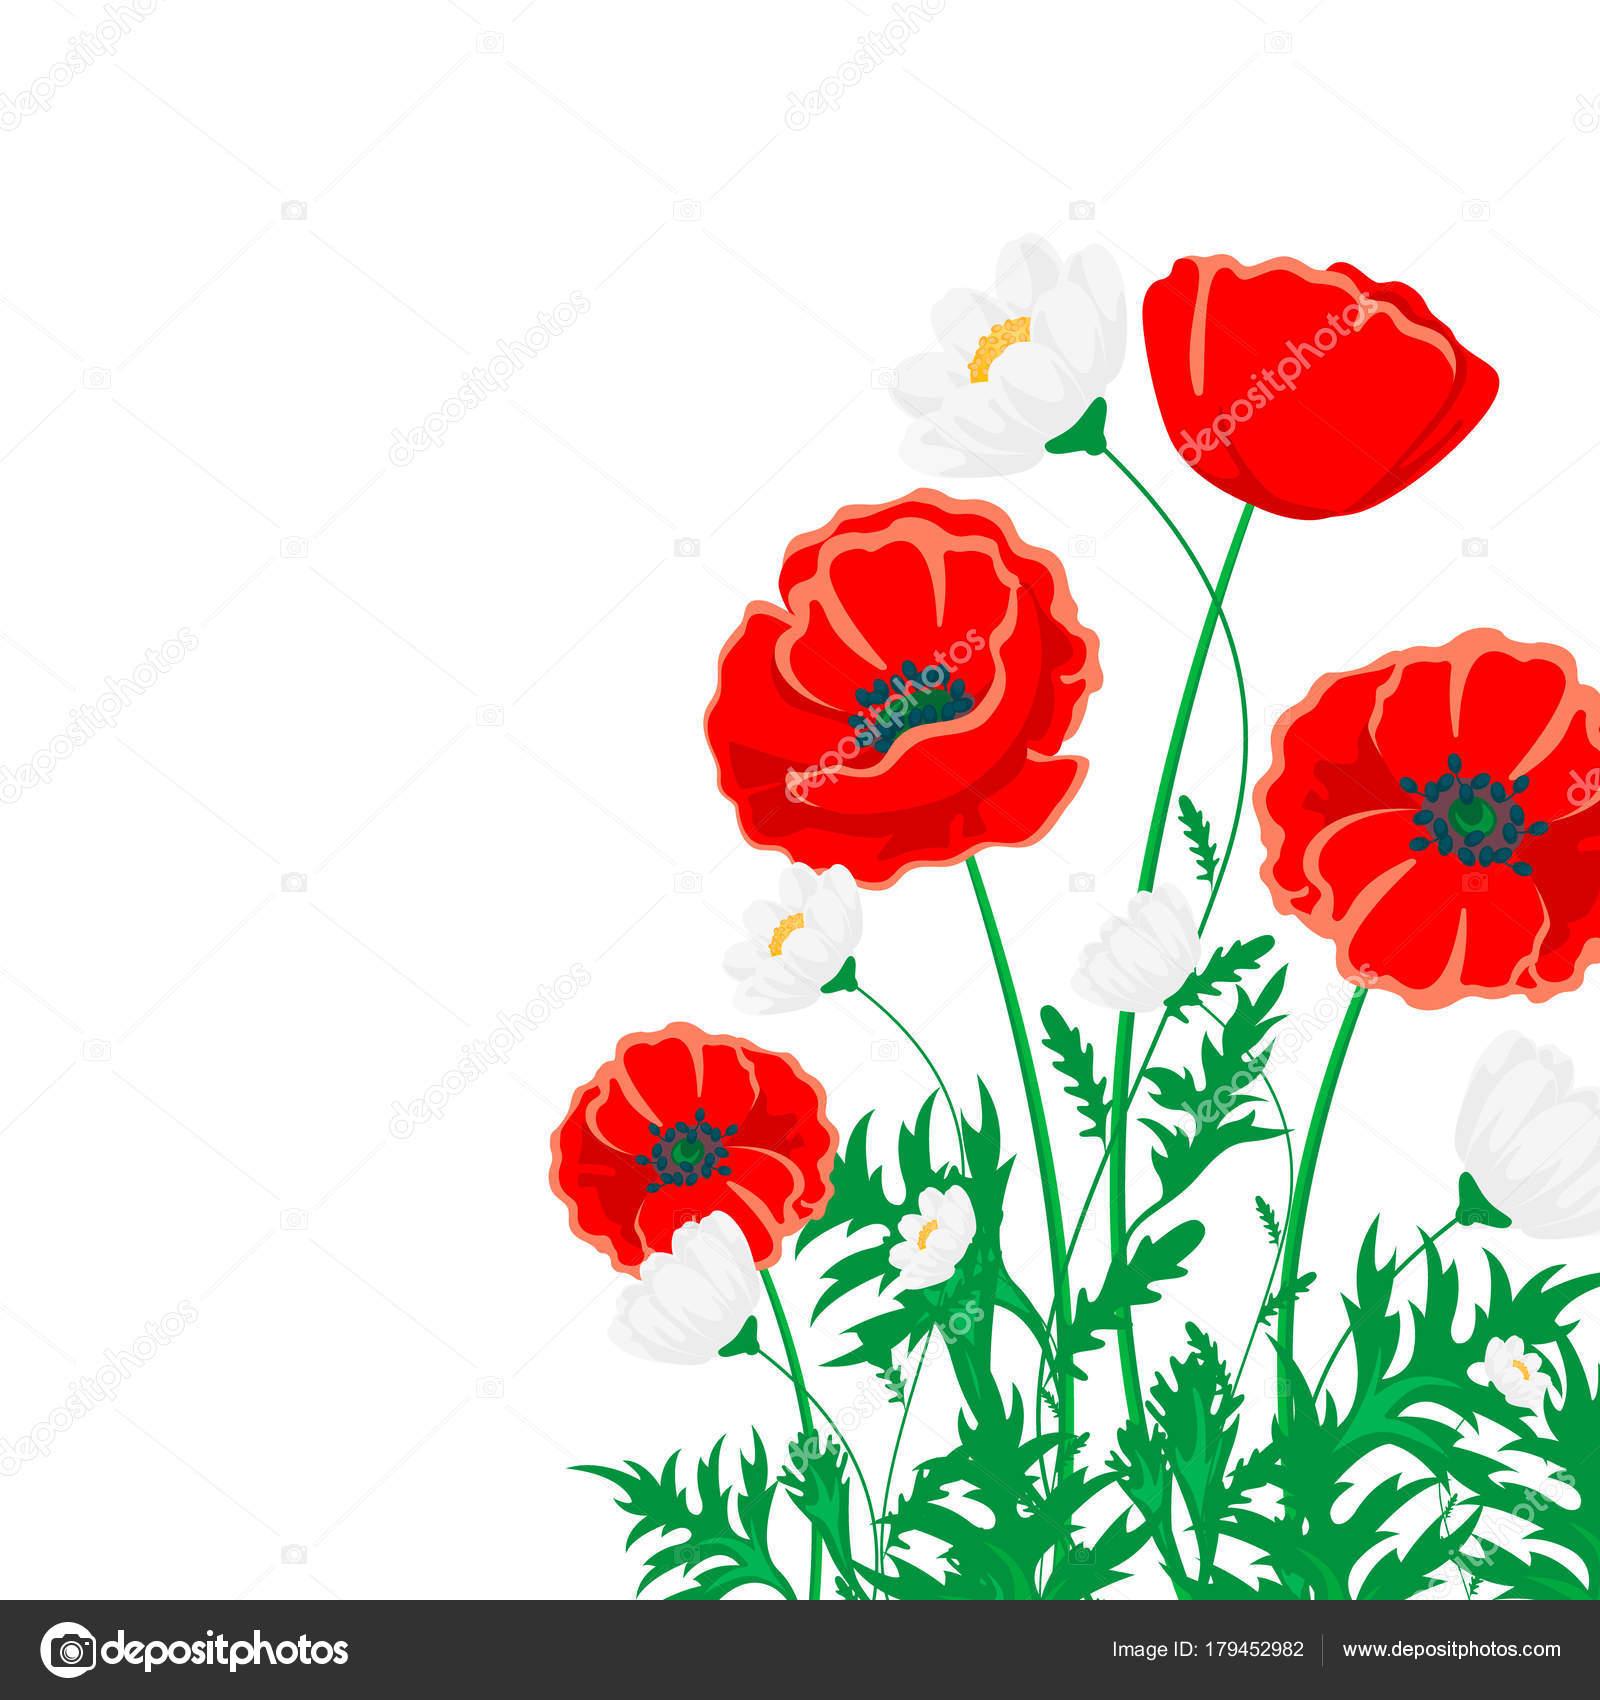 Red Poppy White Chamomile Illustration Vector Flower White Green